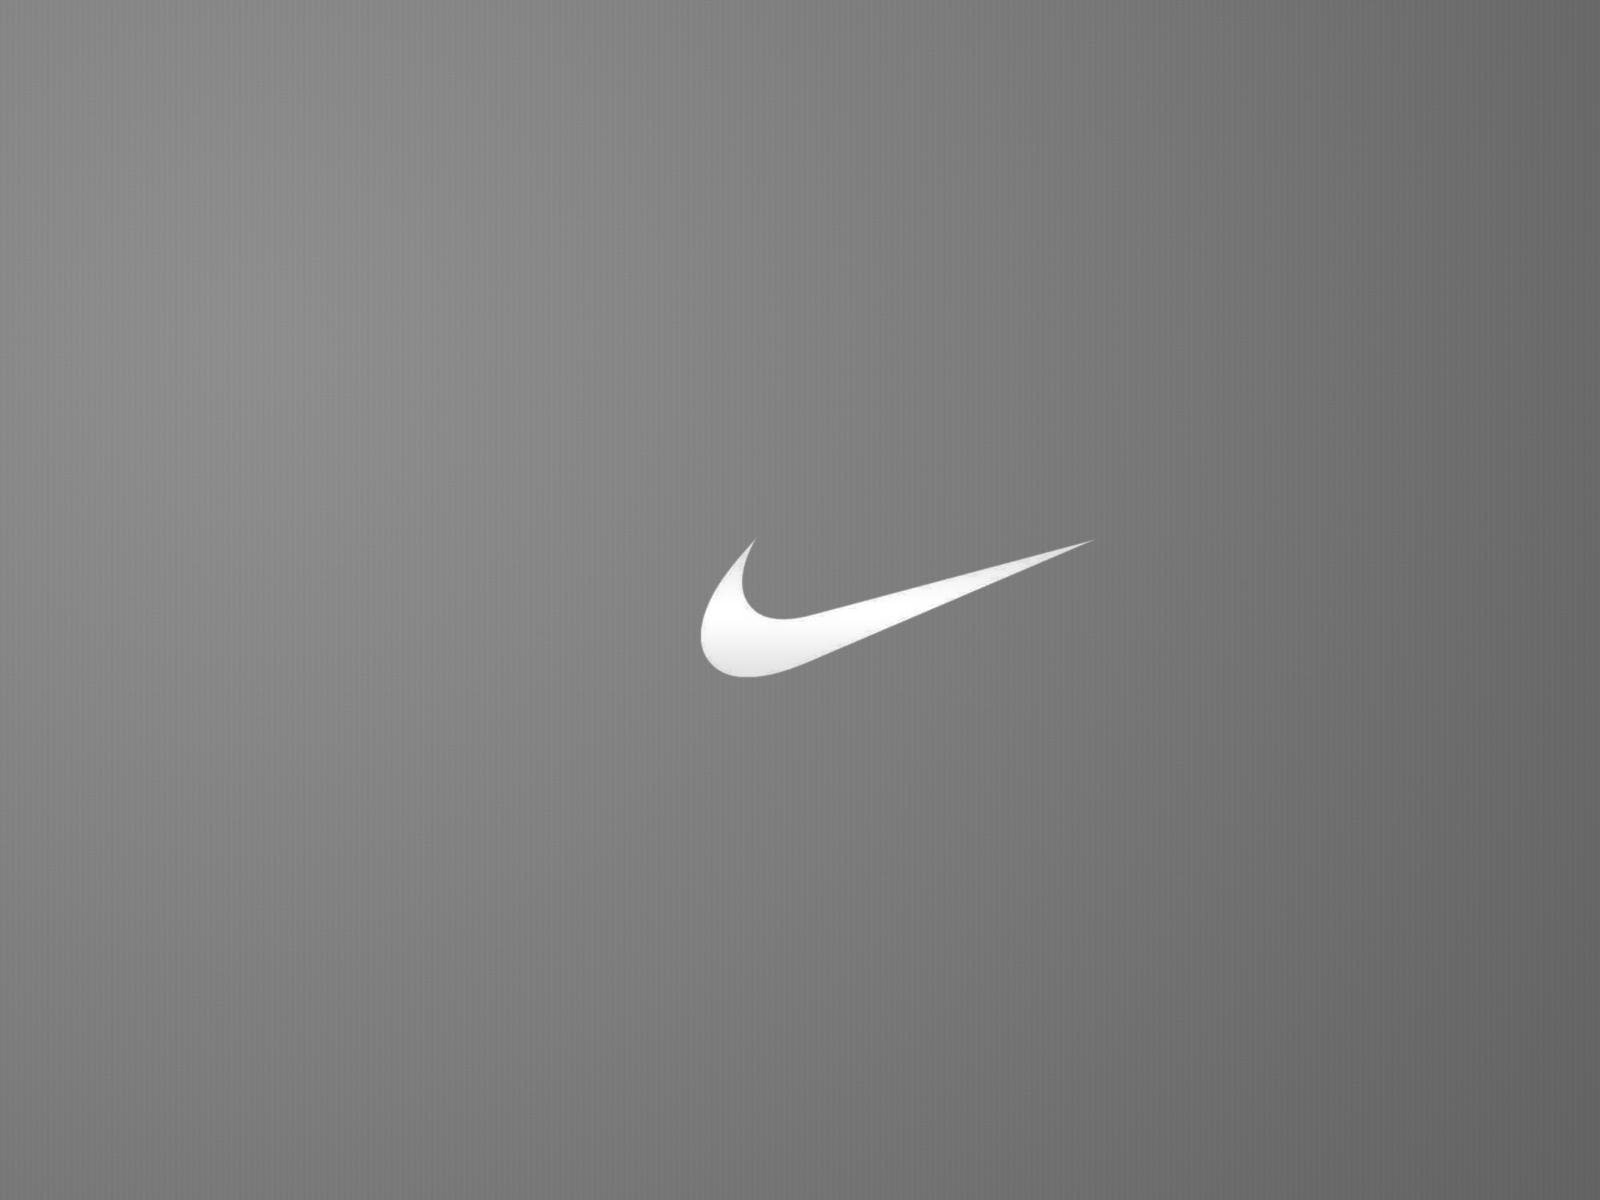 Nike Brand Logo Minimal HD WallpapersImage To Wallpaper 1600x1200